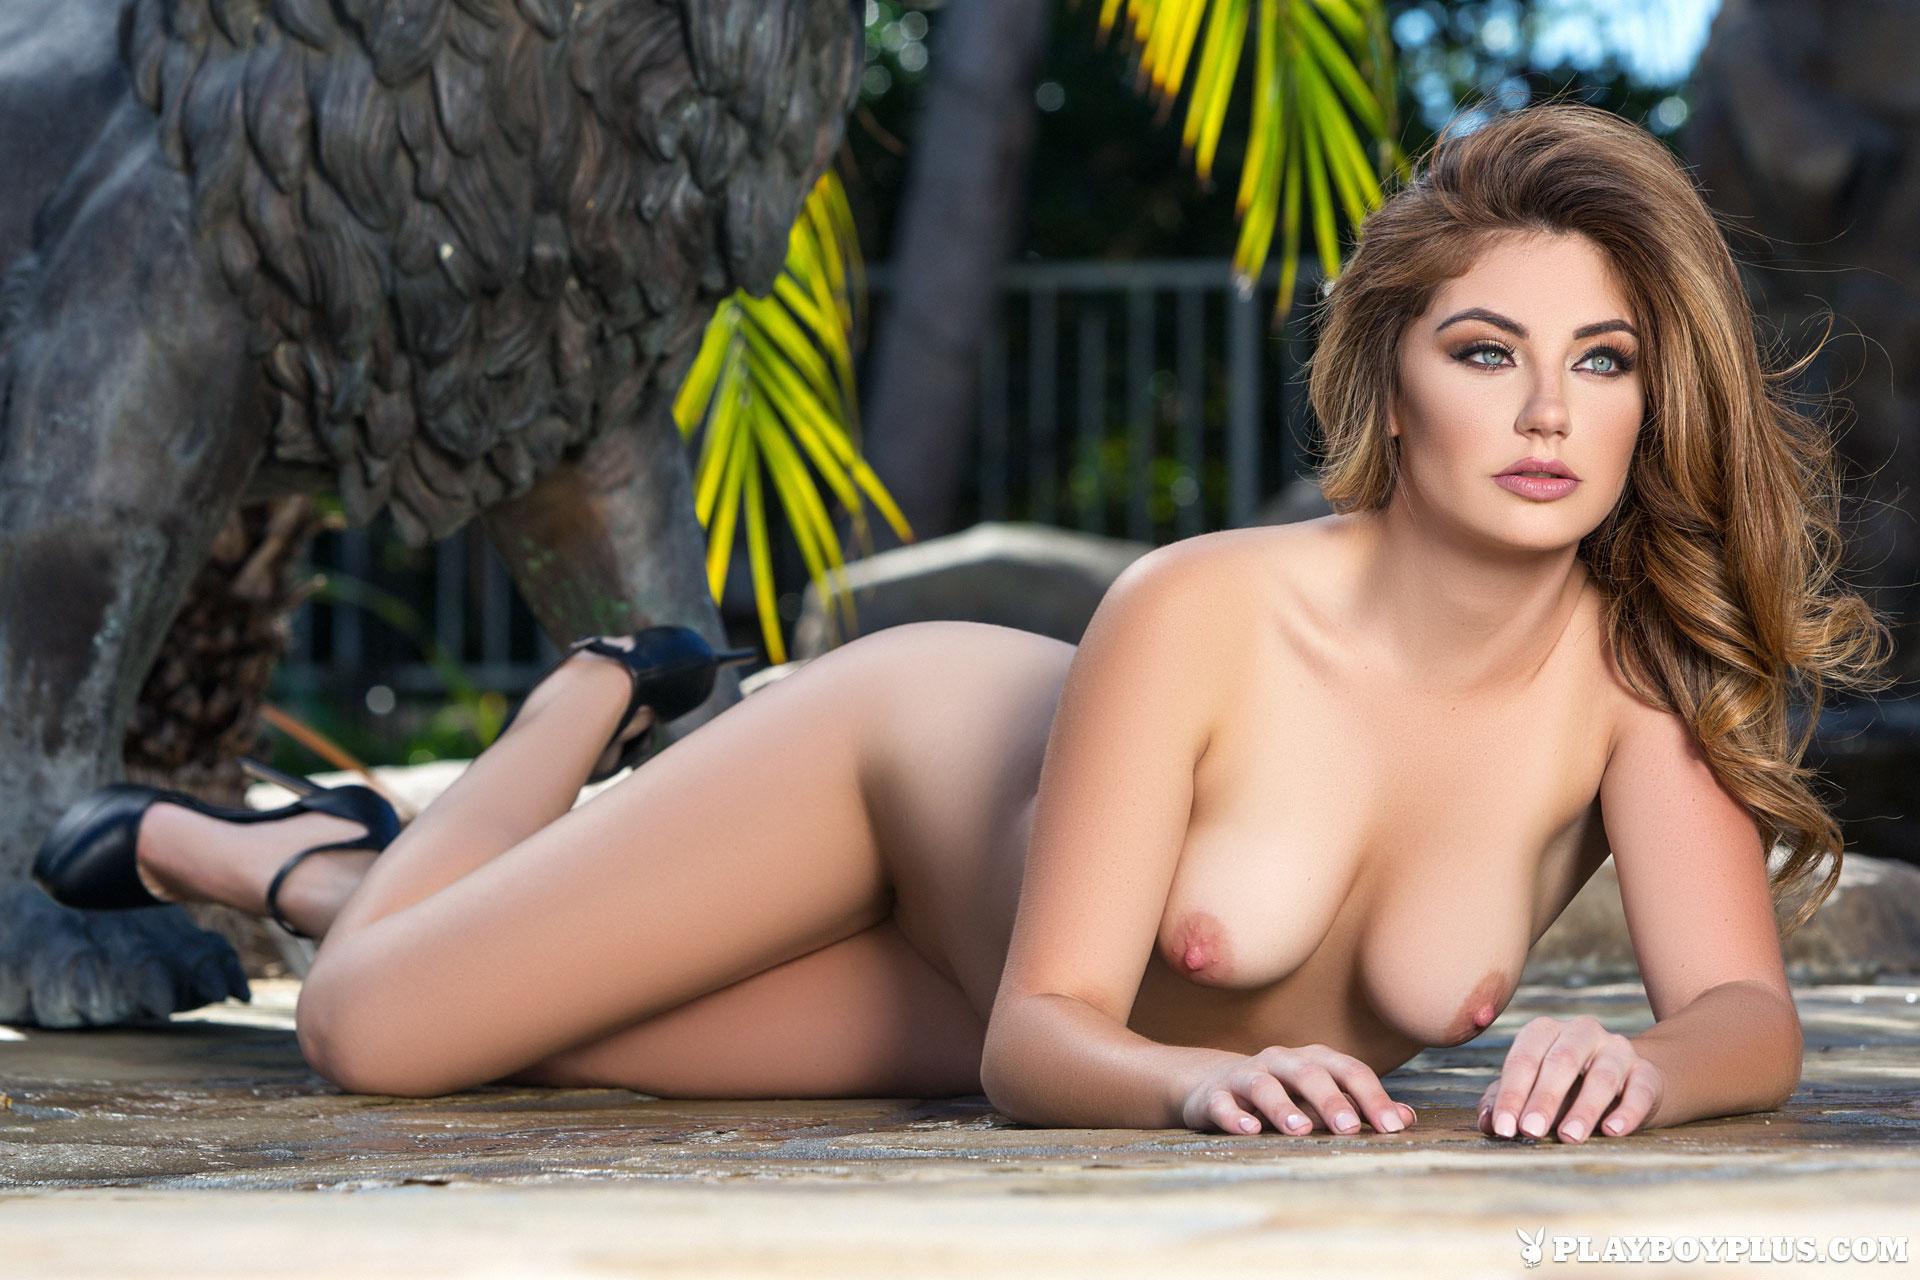 lauren-gottlieb-naked-xxx-victoria-jackson-sex-video-from-metacafe